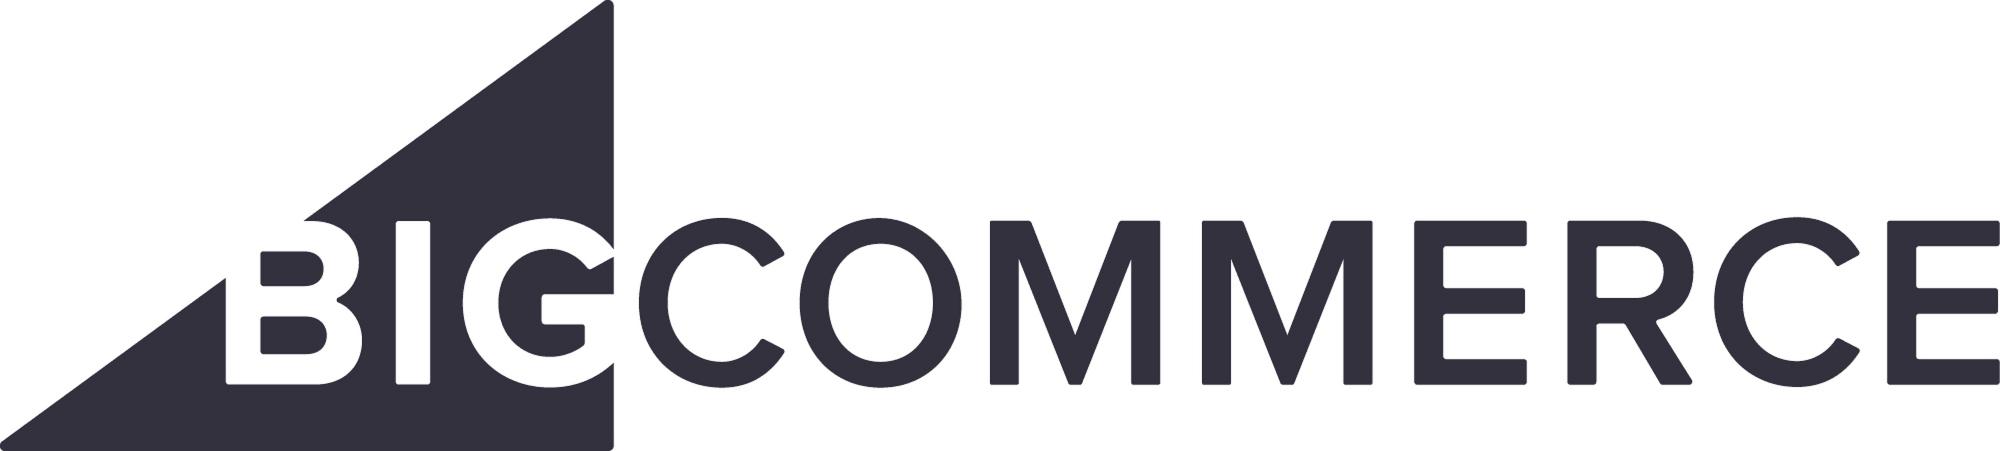 BigCommerce UK Ltd